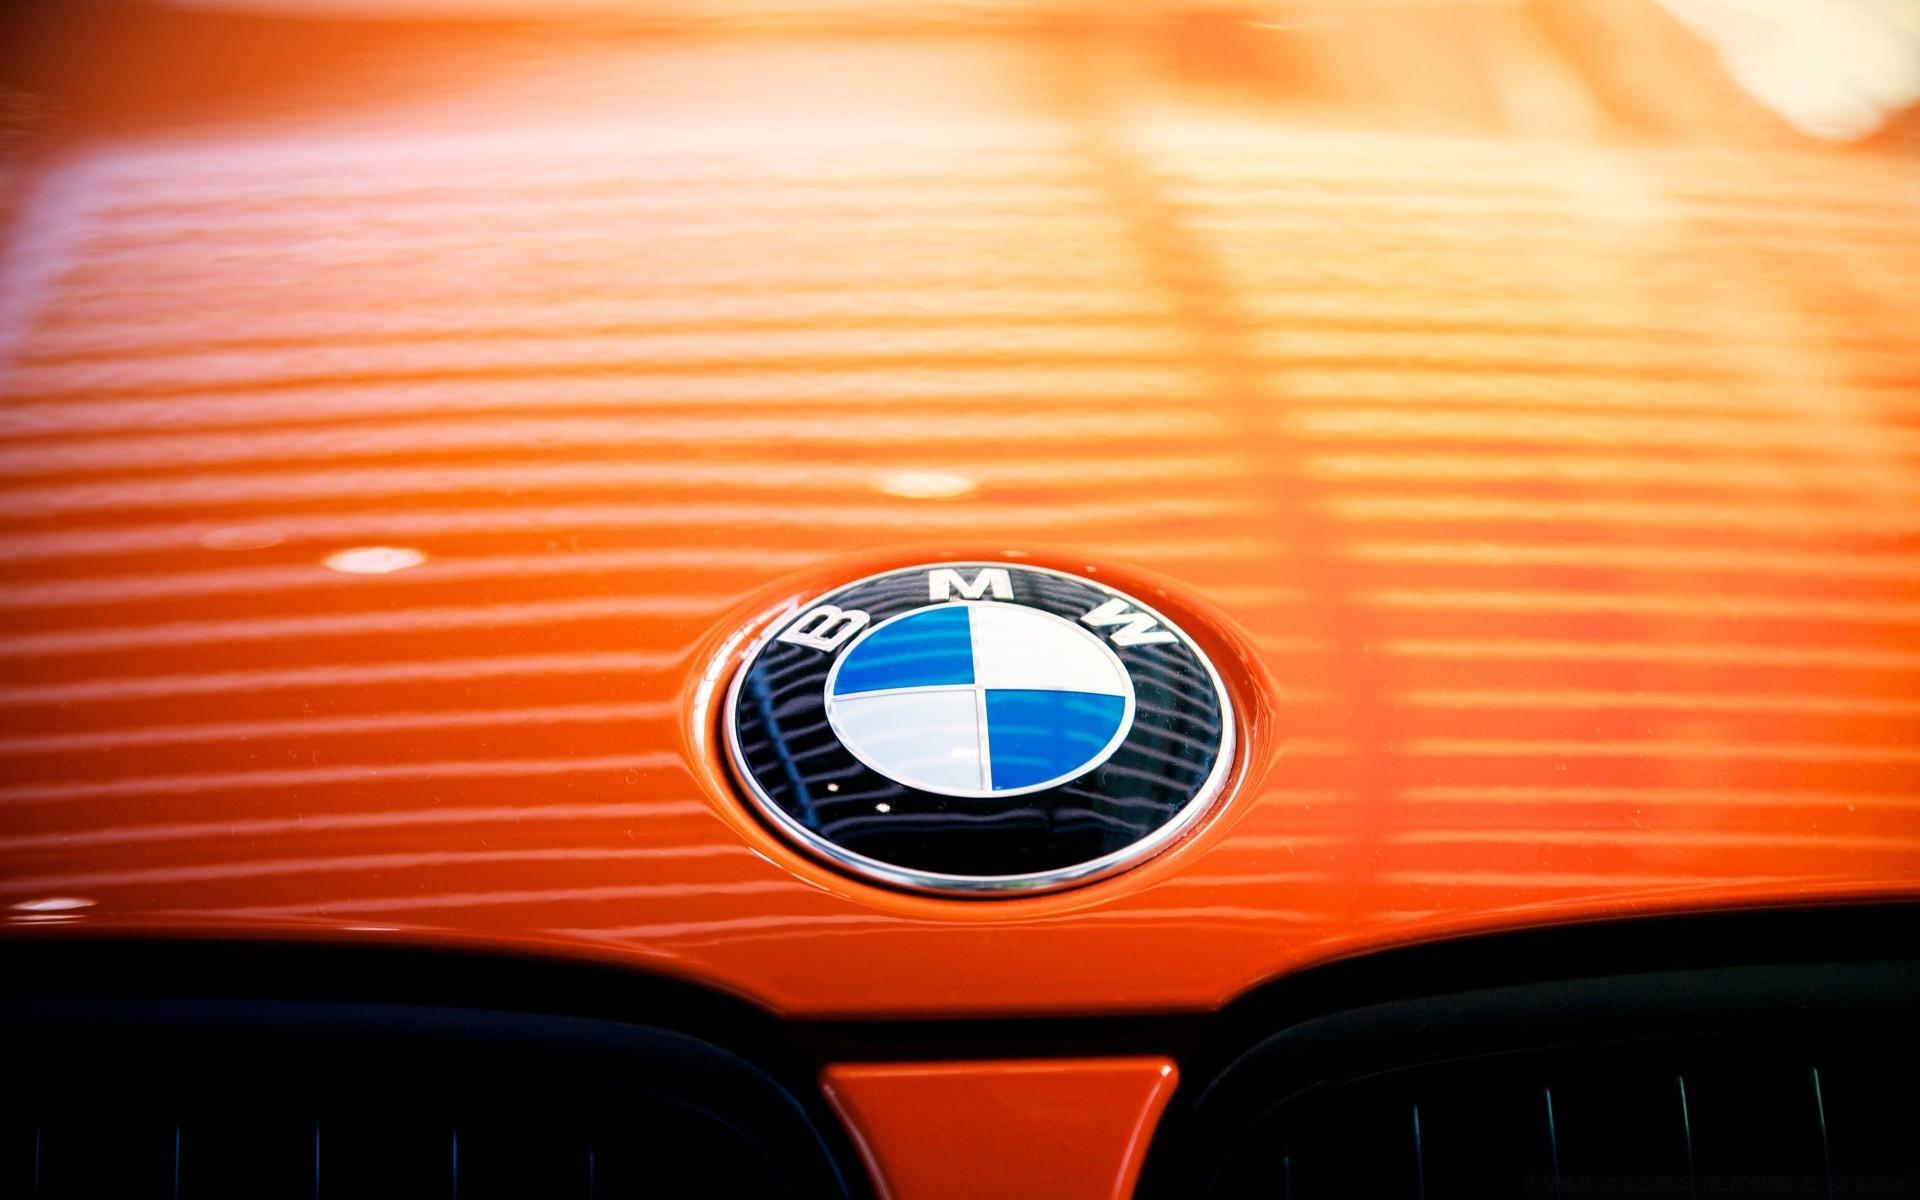 оранжевый автомобиль BMW бесплатно